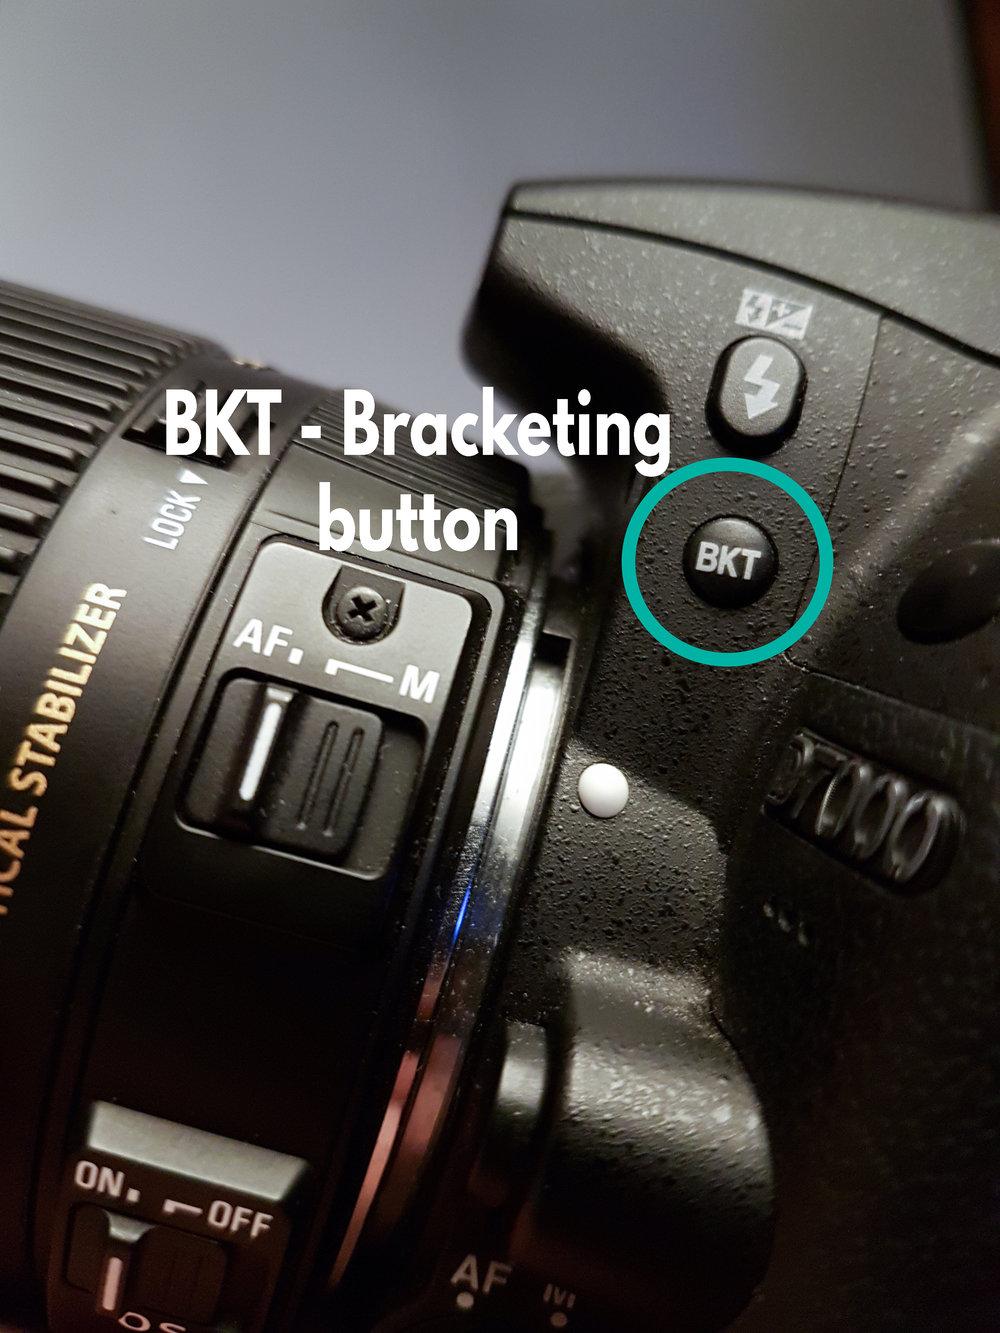 Bracketing button - BKT/bracketing button.